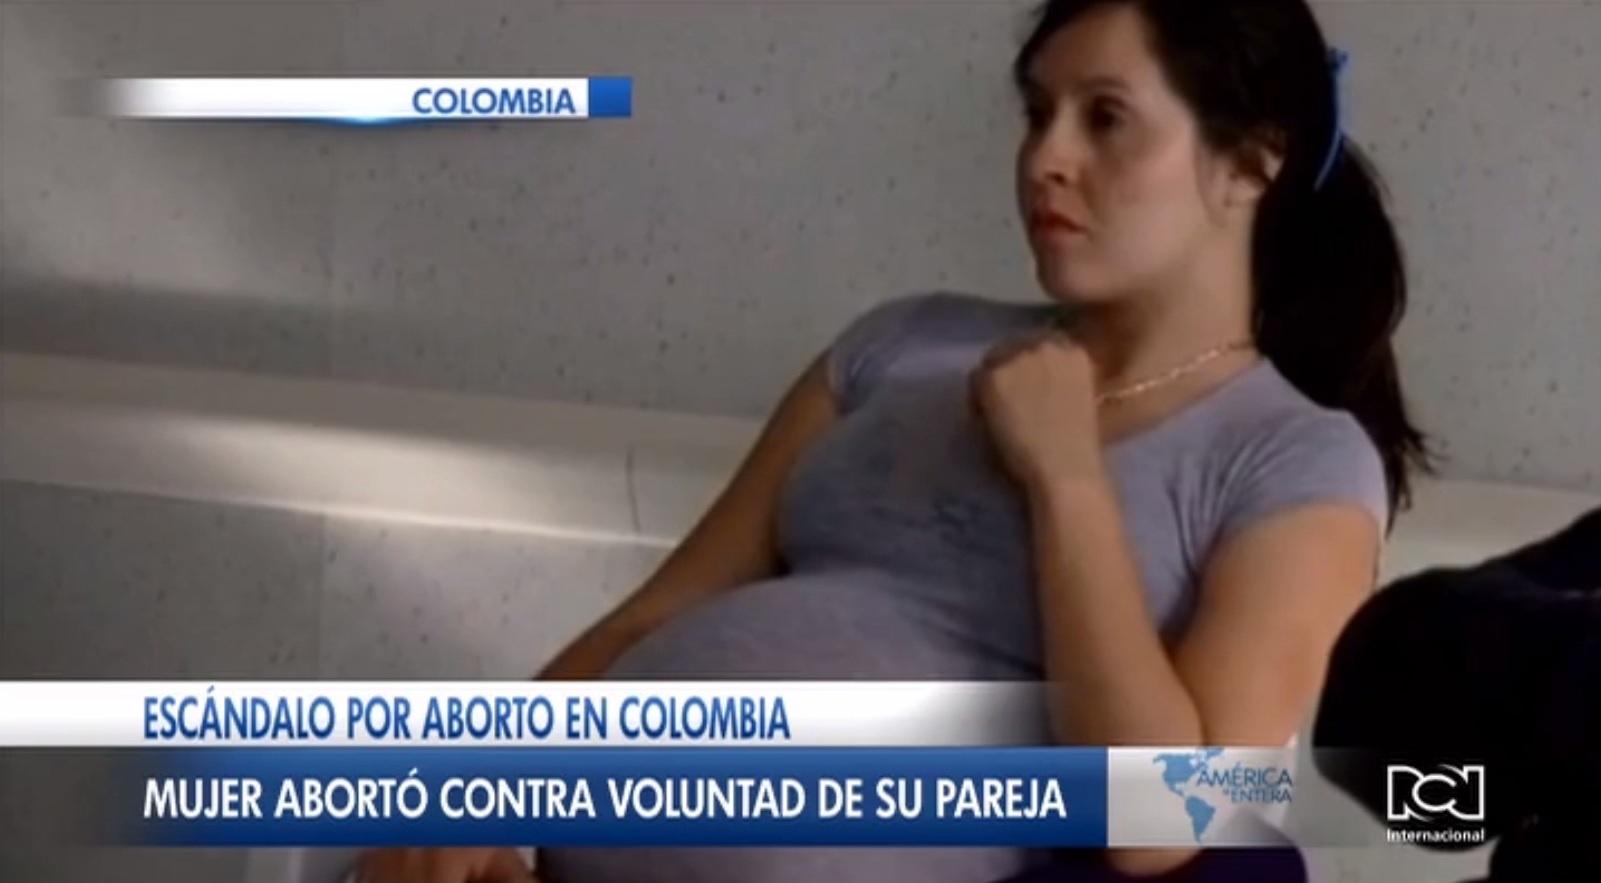 Joven colombiano denunció que su expareja abortó con siete meses de gestación